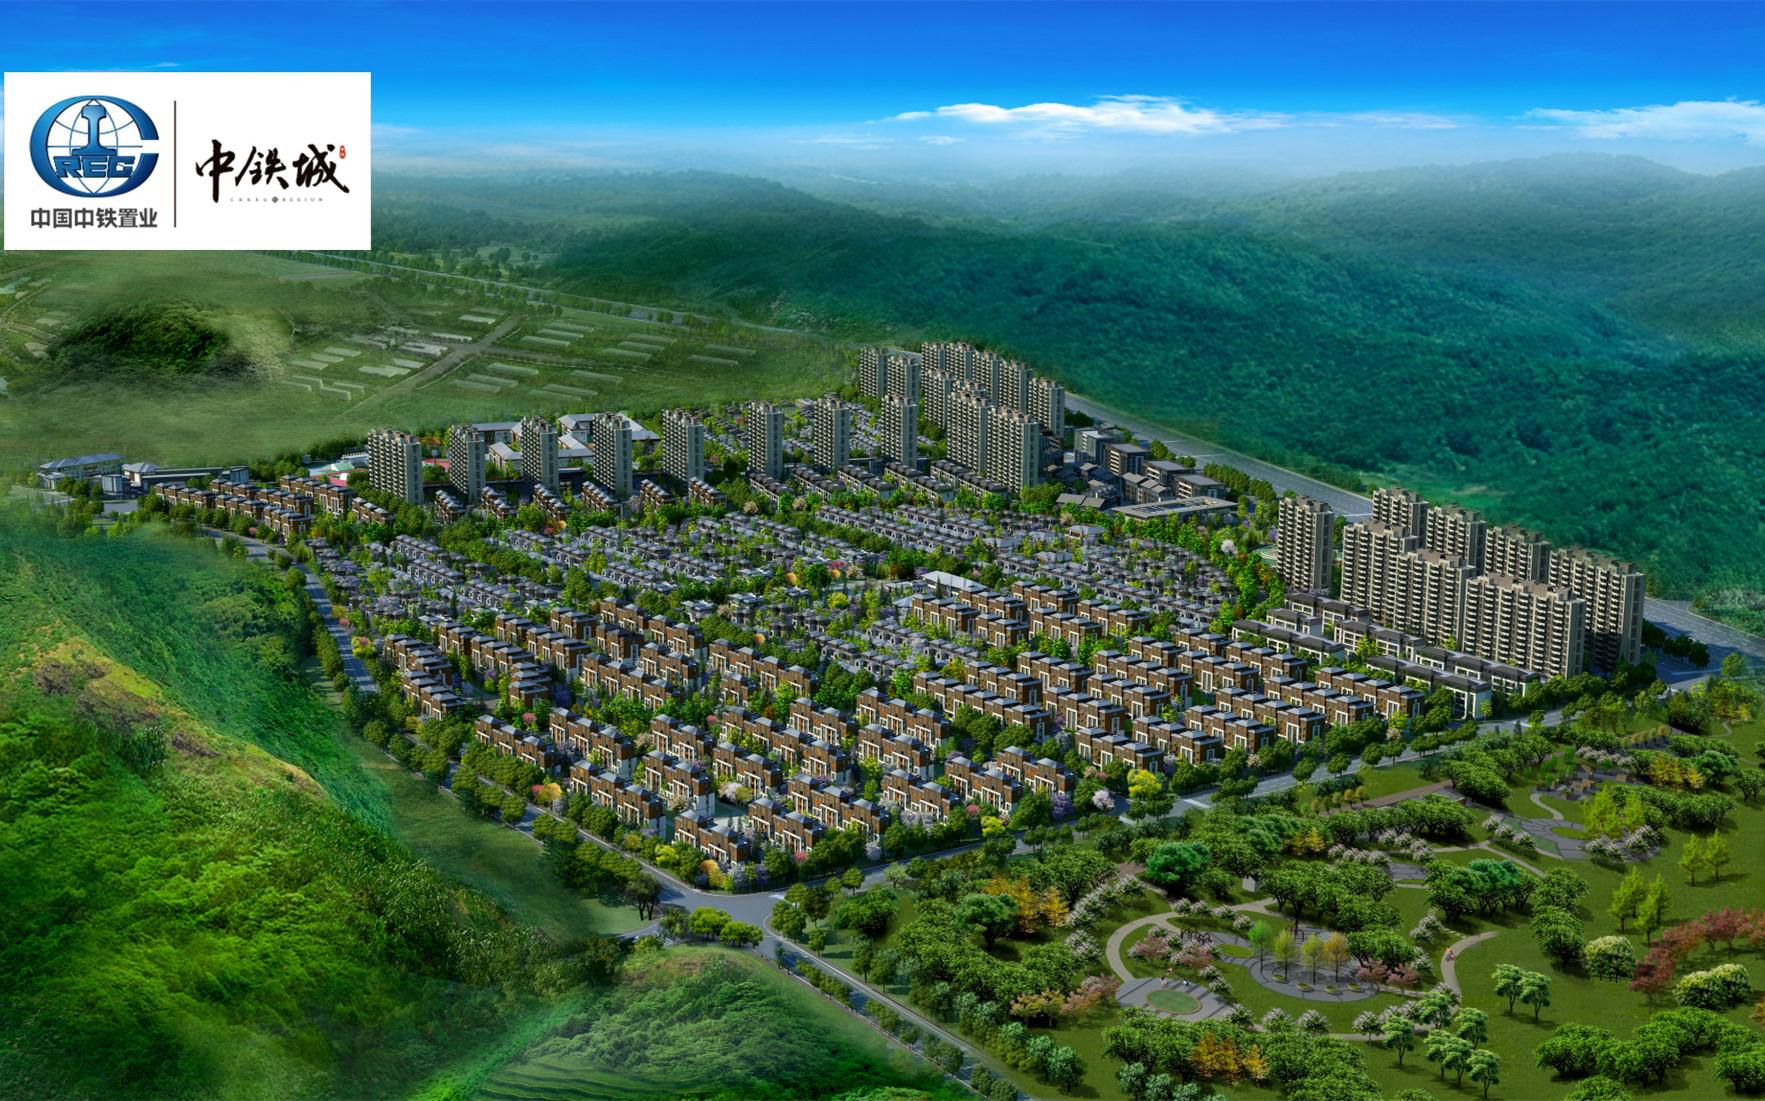 百万方墅区 蜕变城市新兴富人区